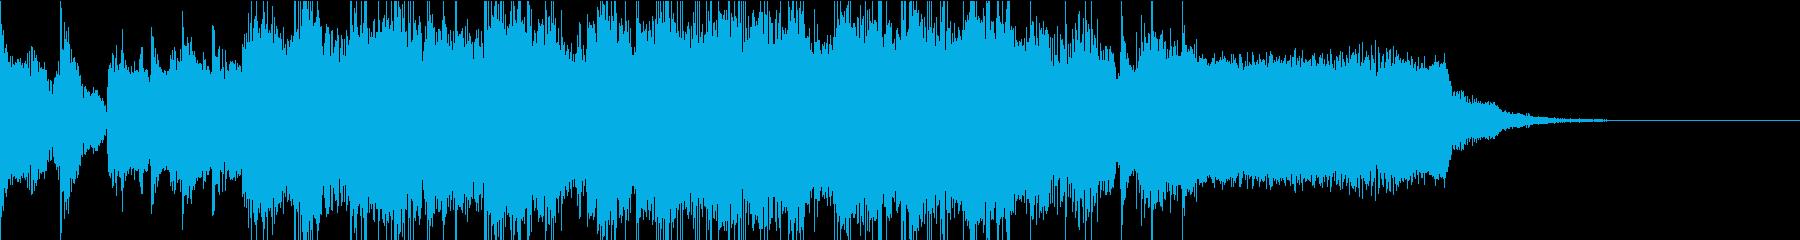 アメリカンなハードロック風のジングルの再生済みの波形